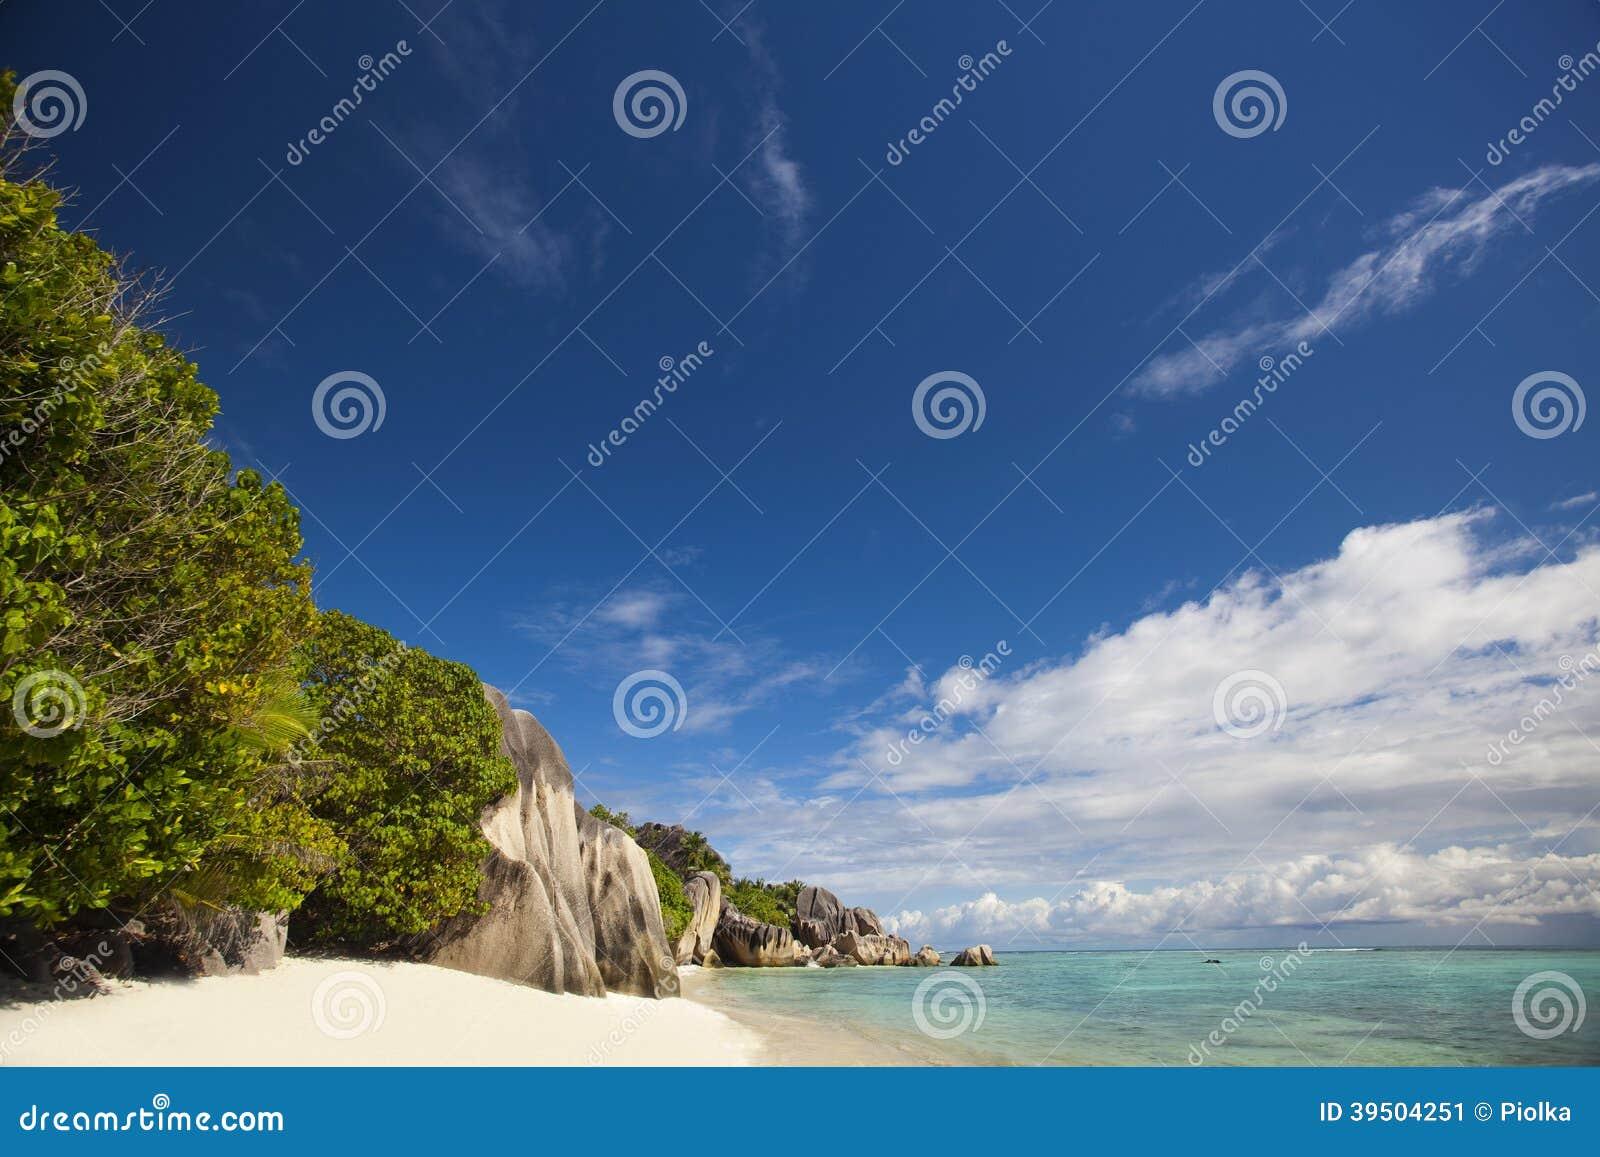 Cliffs at Anse Source D Argent